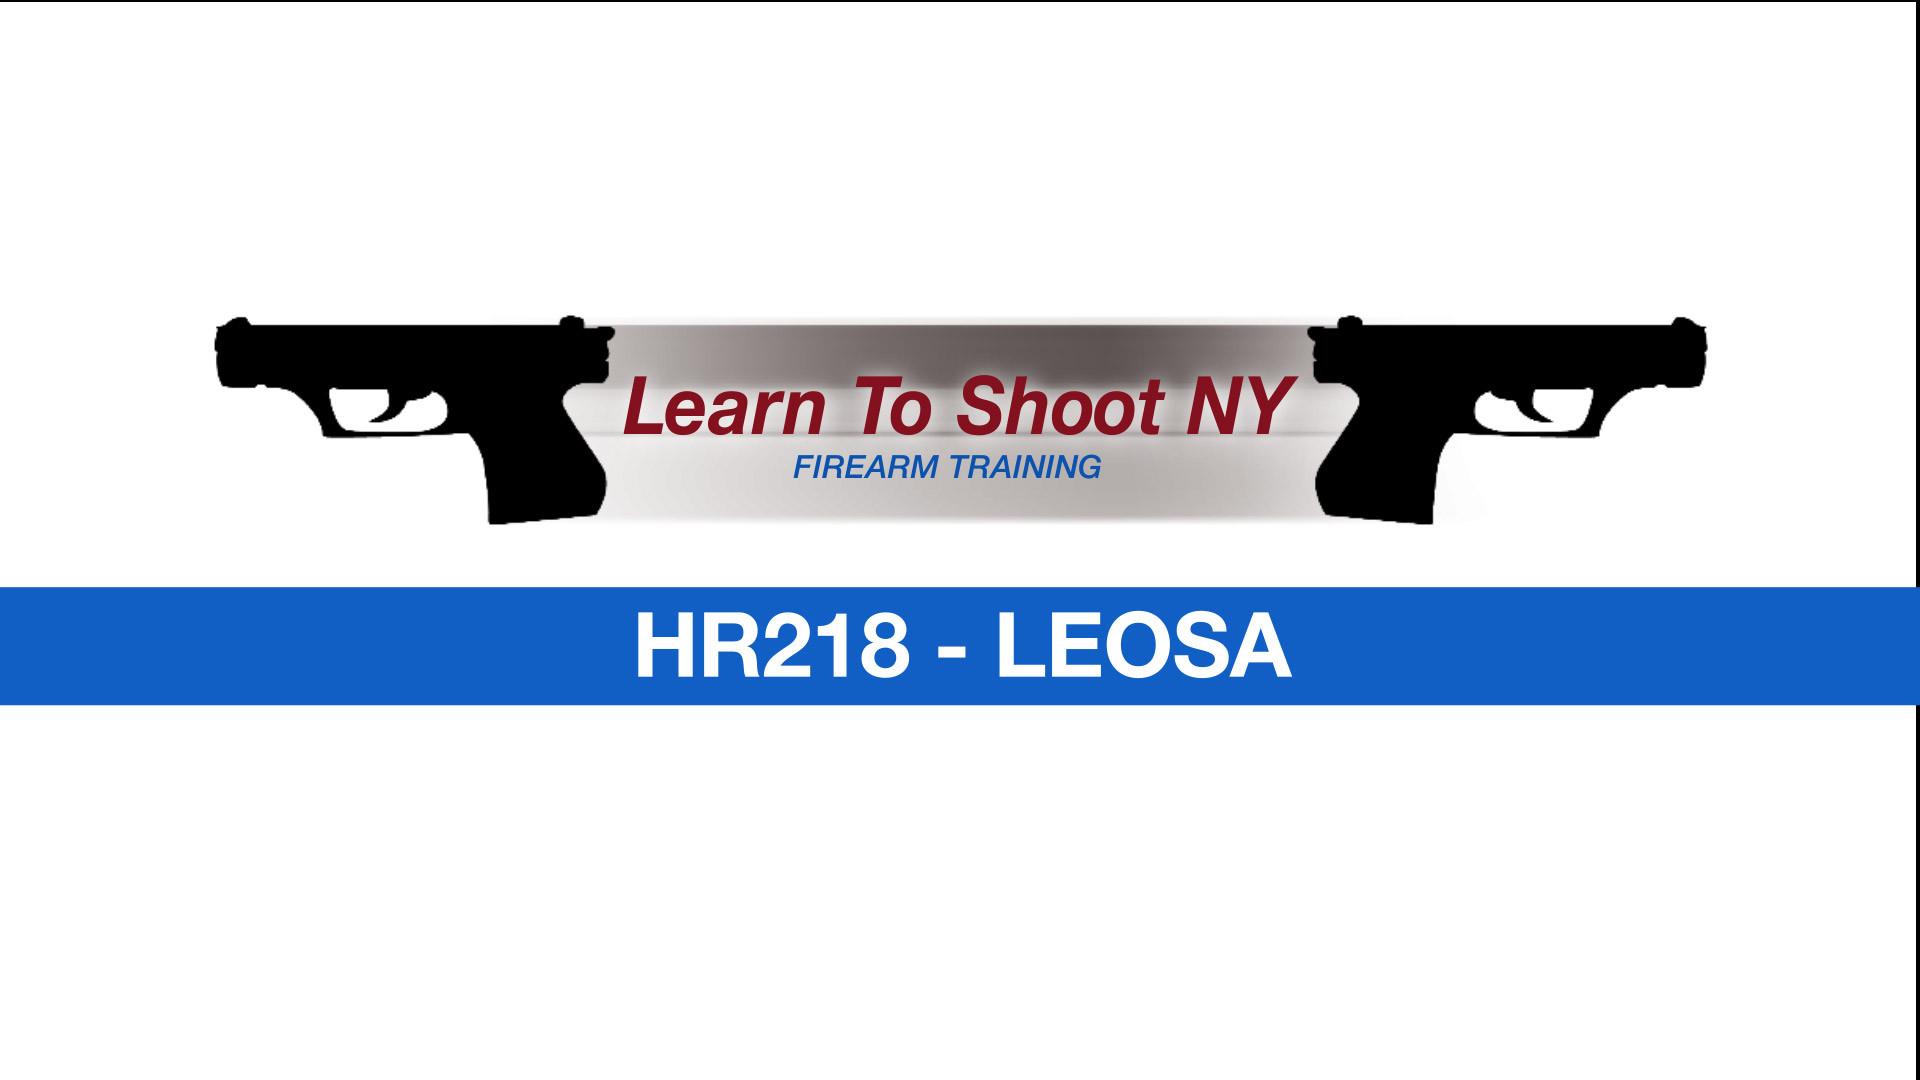 HR218-LEOSA